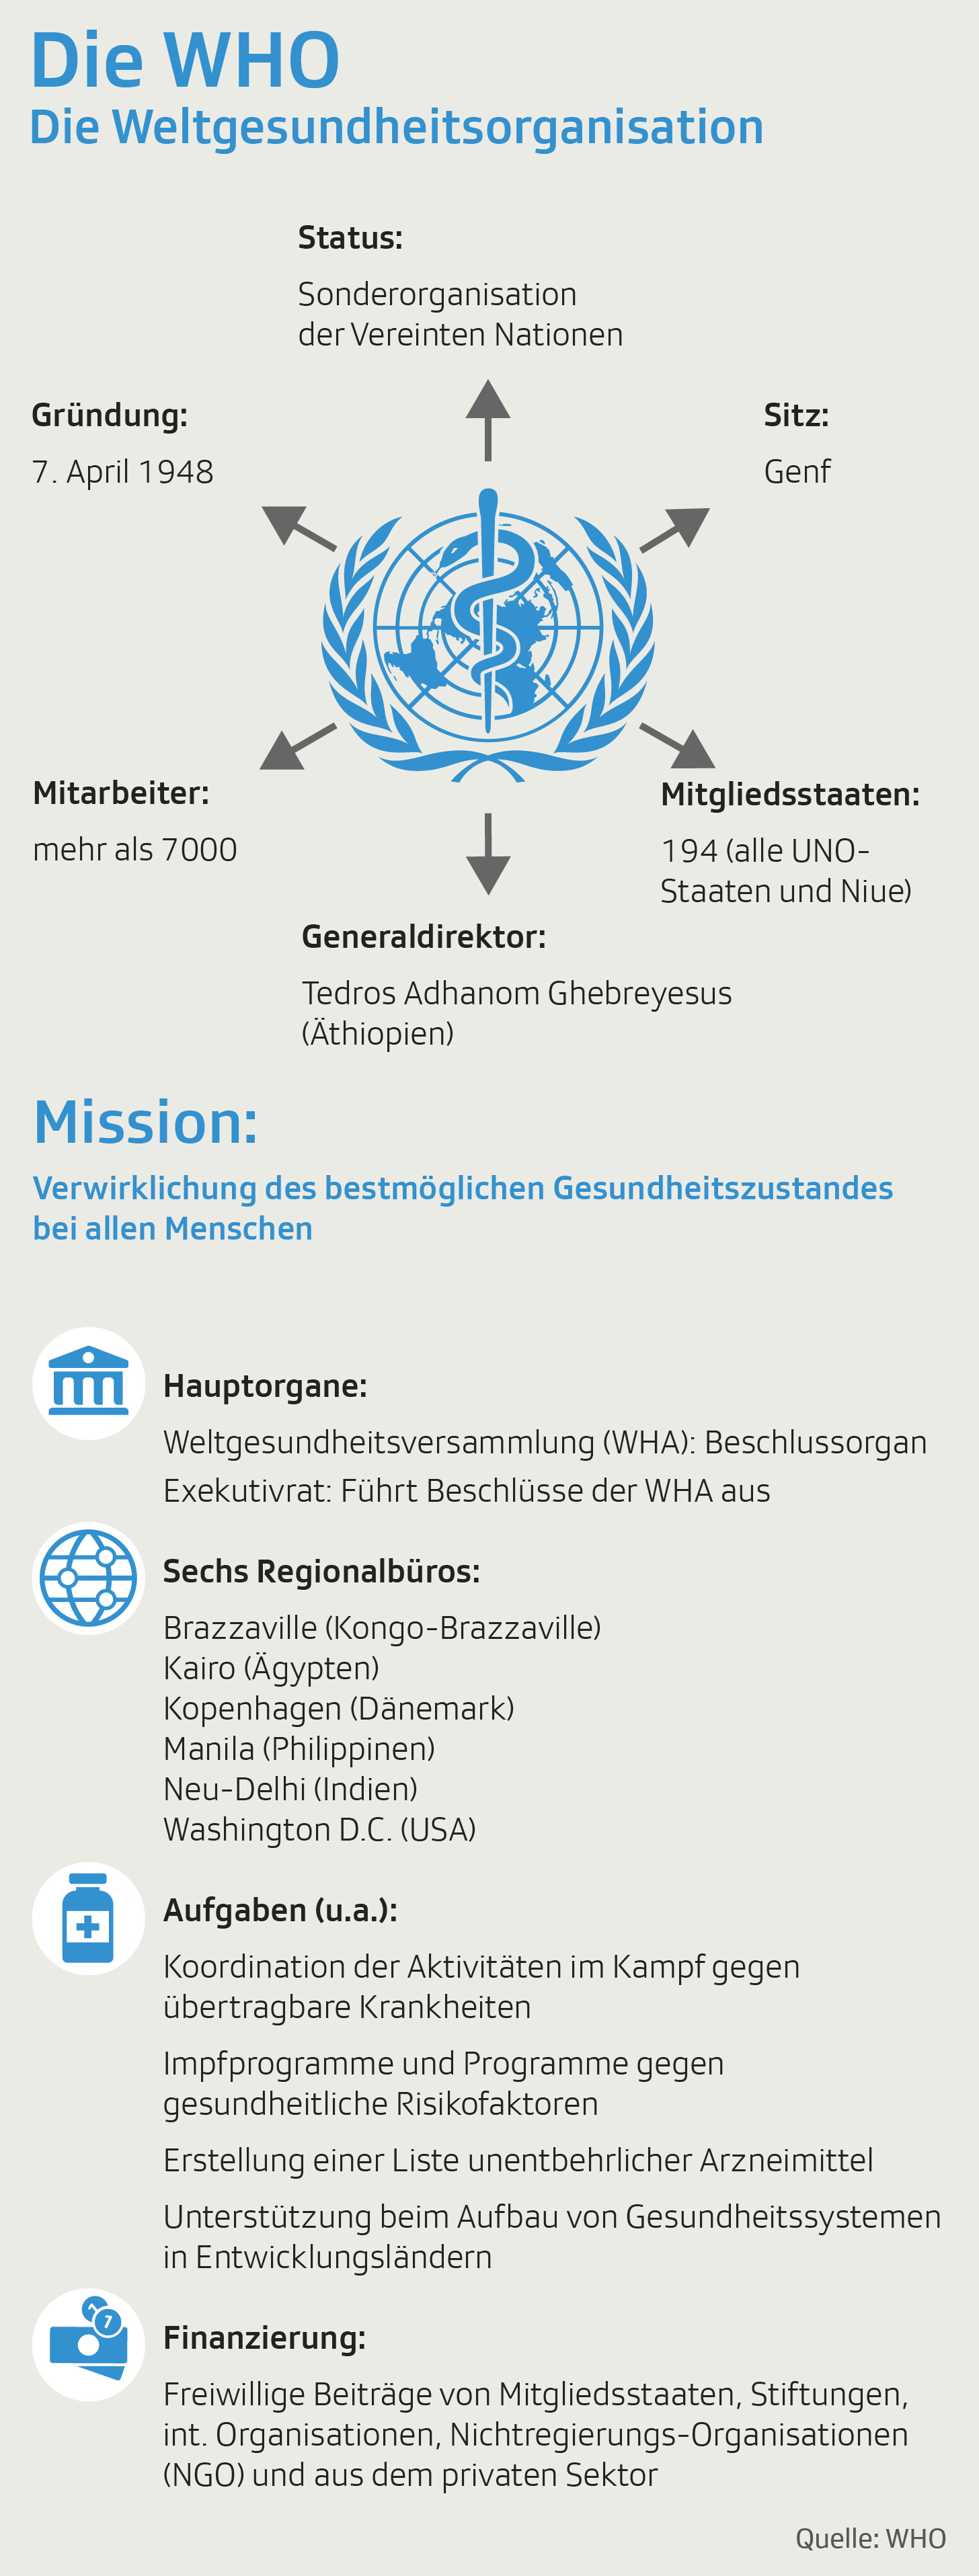 Grafik zeigt Informationen zur WHO